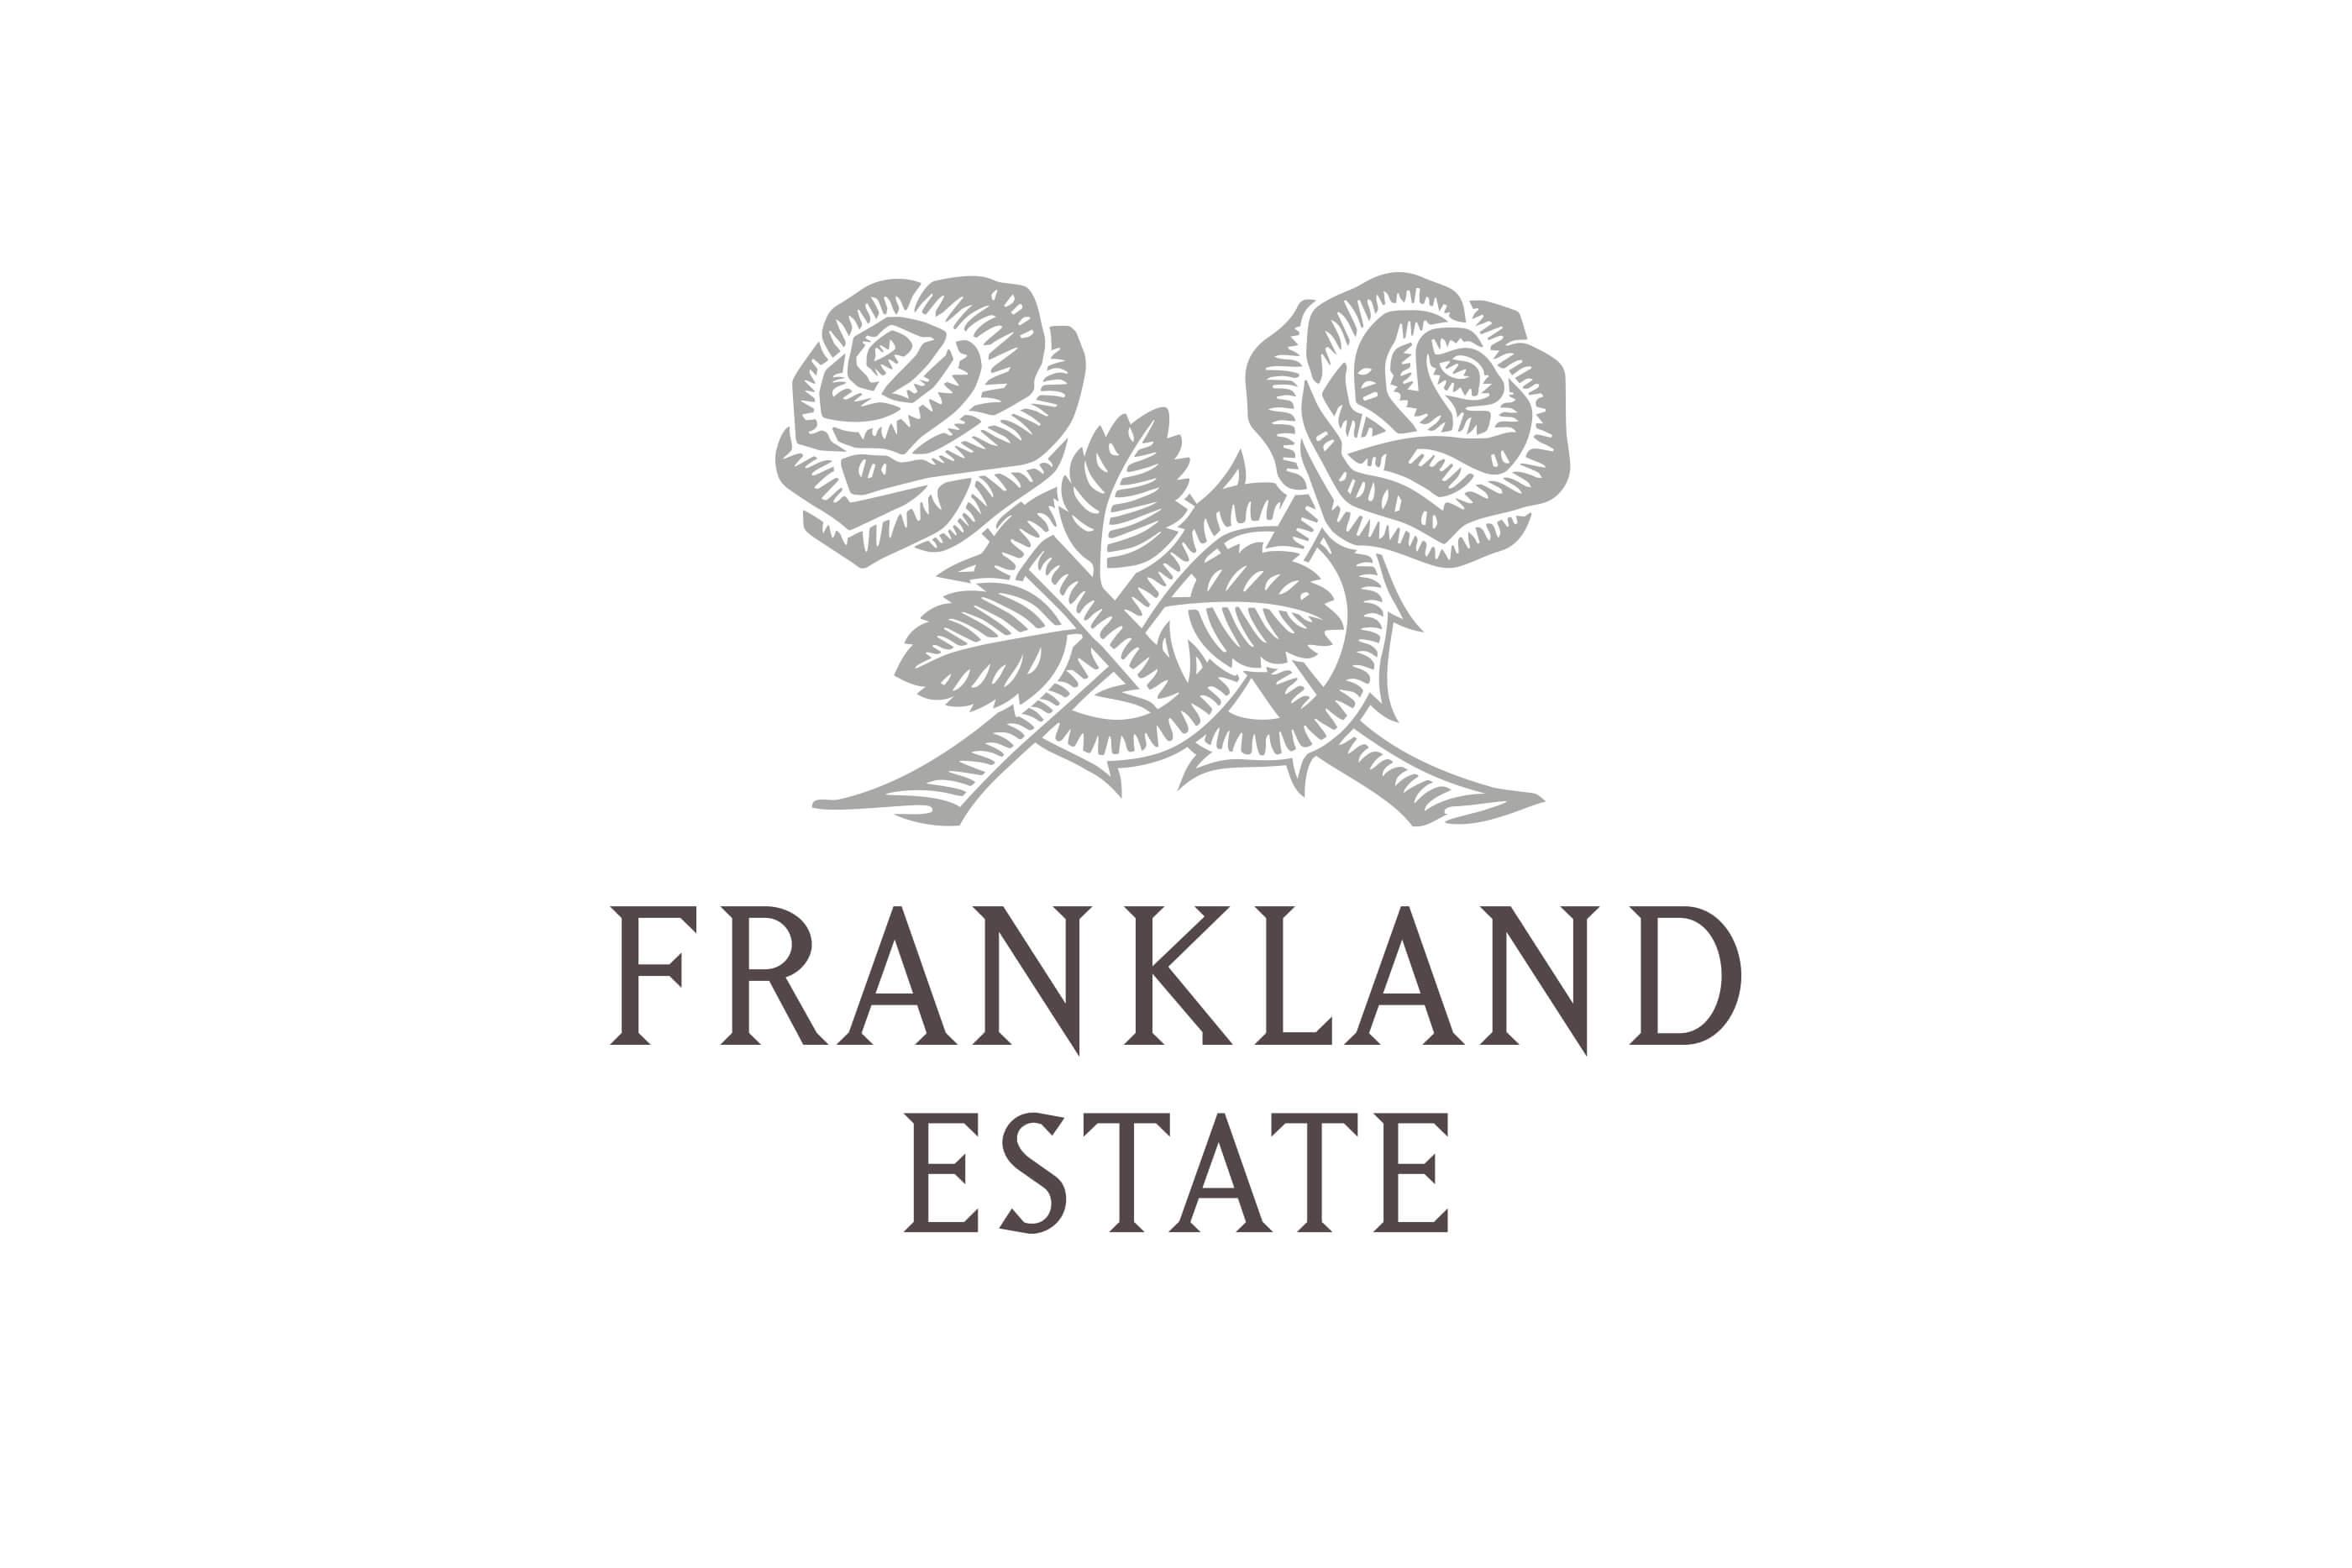 Frankland-Estate-logo